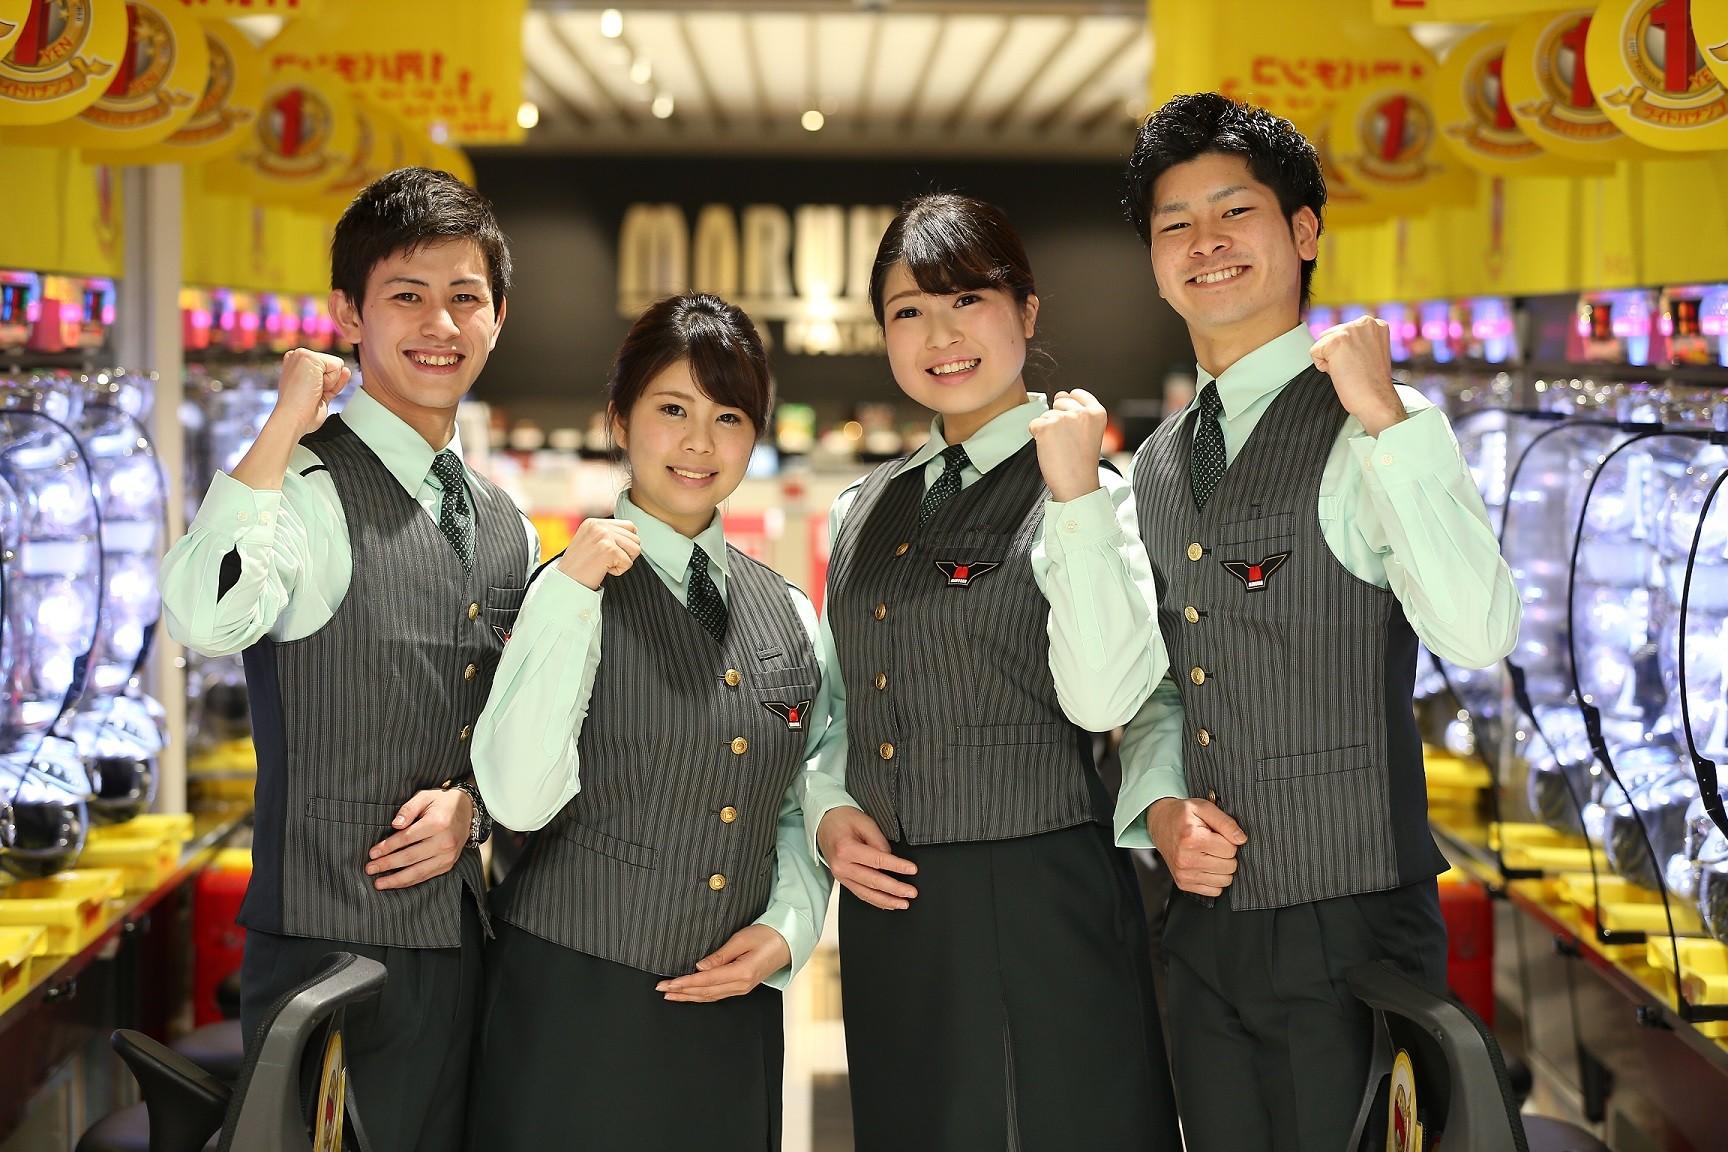 マルハン 裾野北店[2109]のアルバイト情報